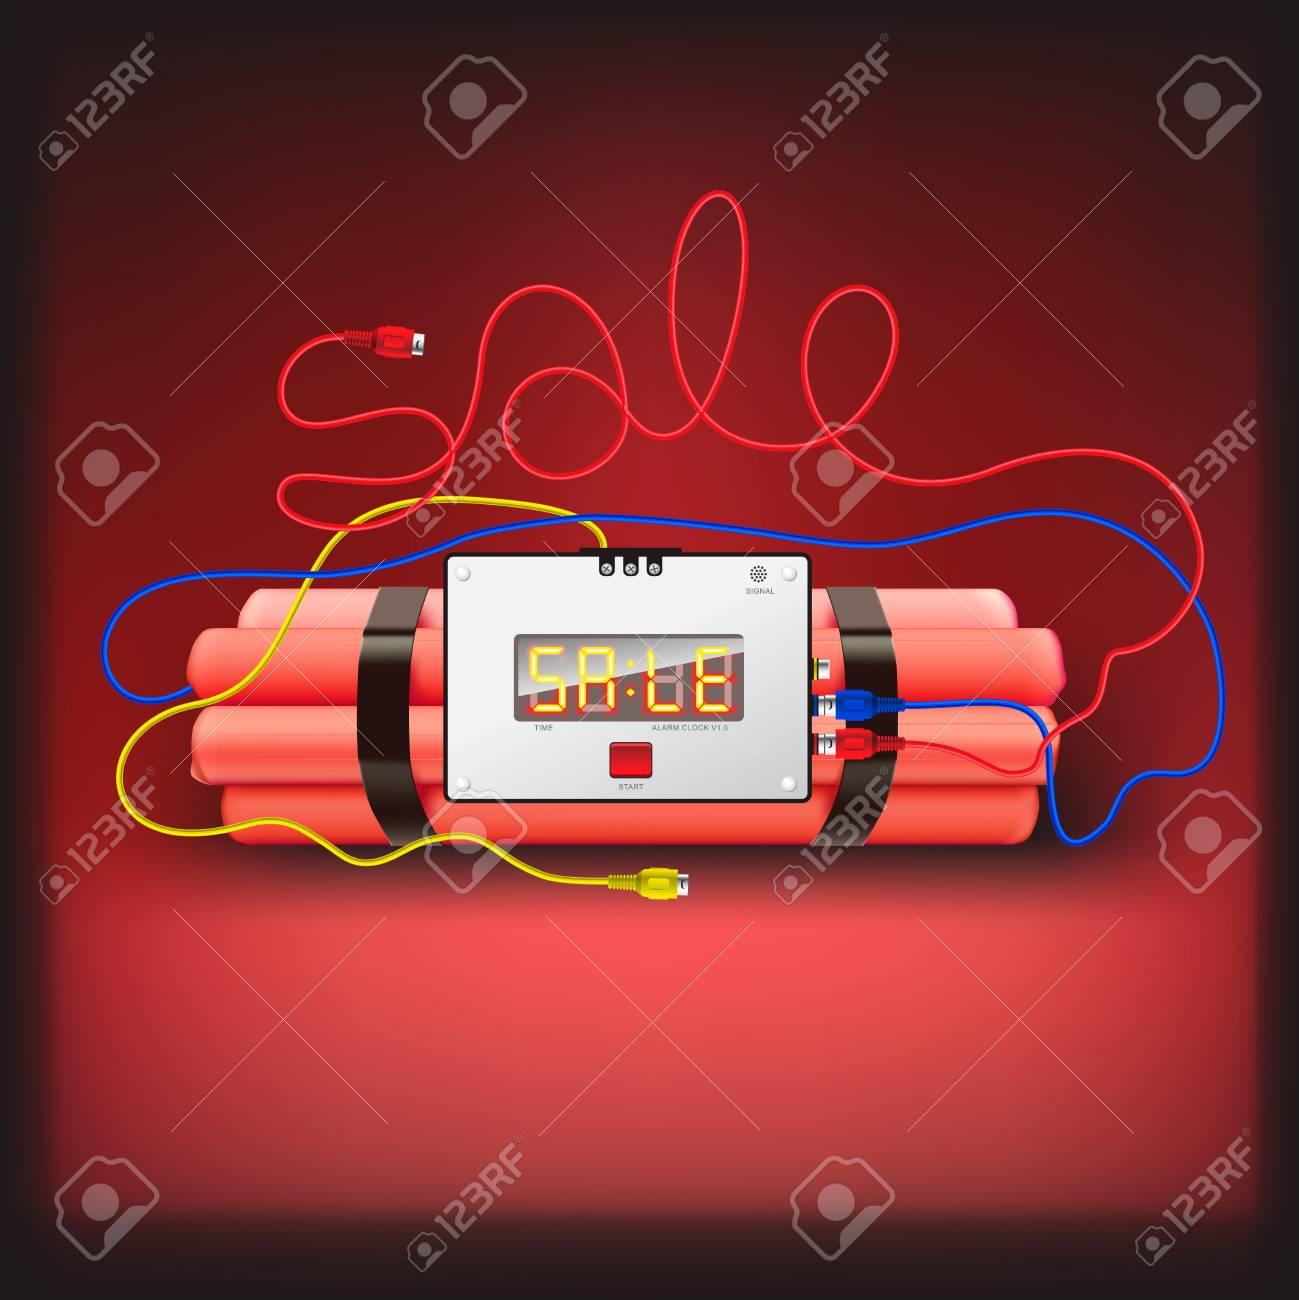 Detonator isolated on red background Stock Photo - 17385188